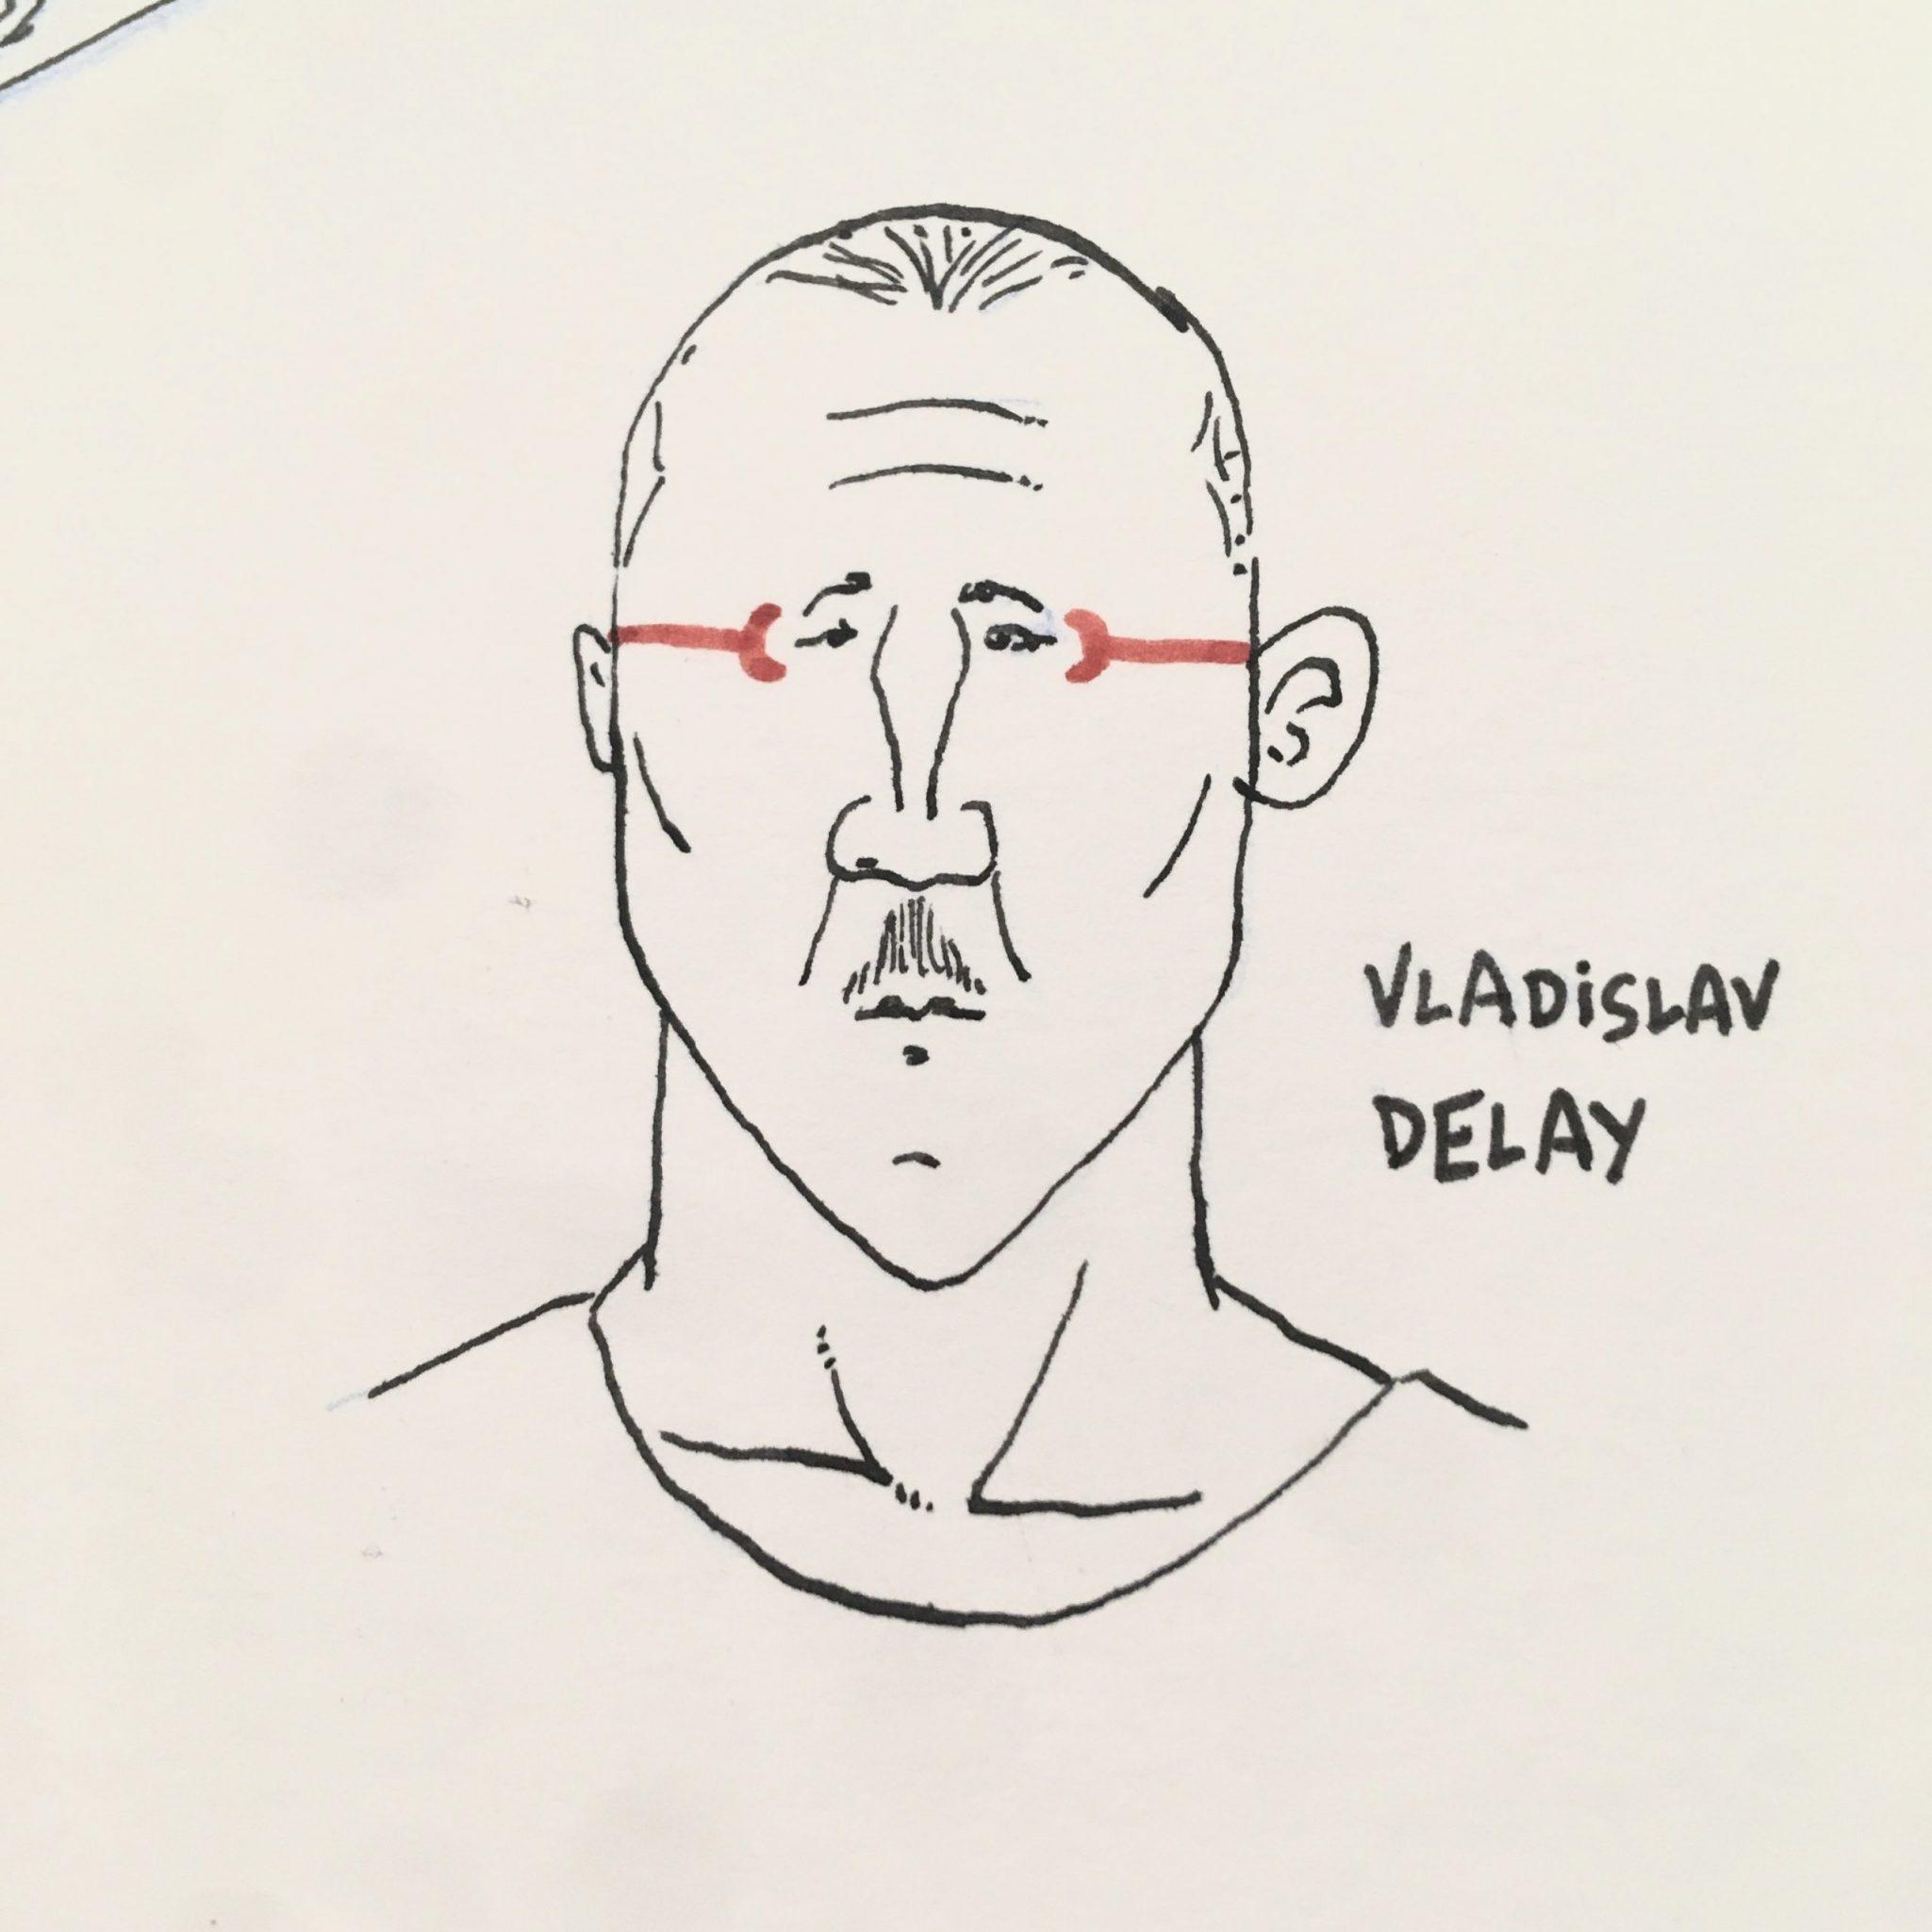 Boceto de un retrato en blanco, negro y rojo del dj y productor Vladislav Delay. Dibujo e ilustración.